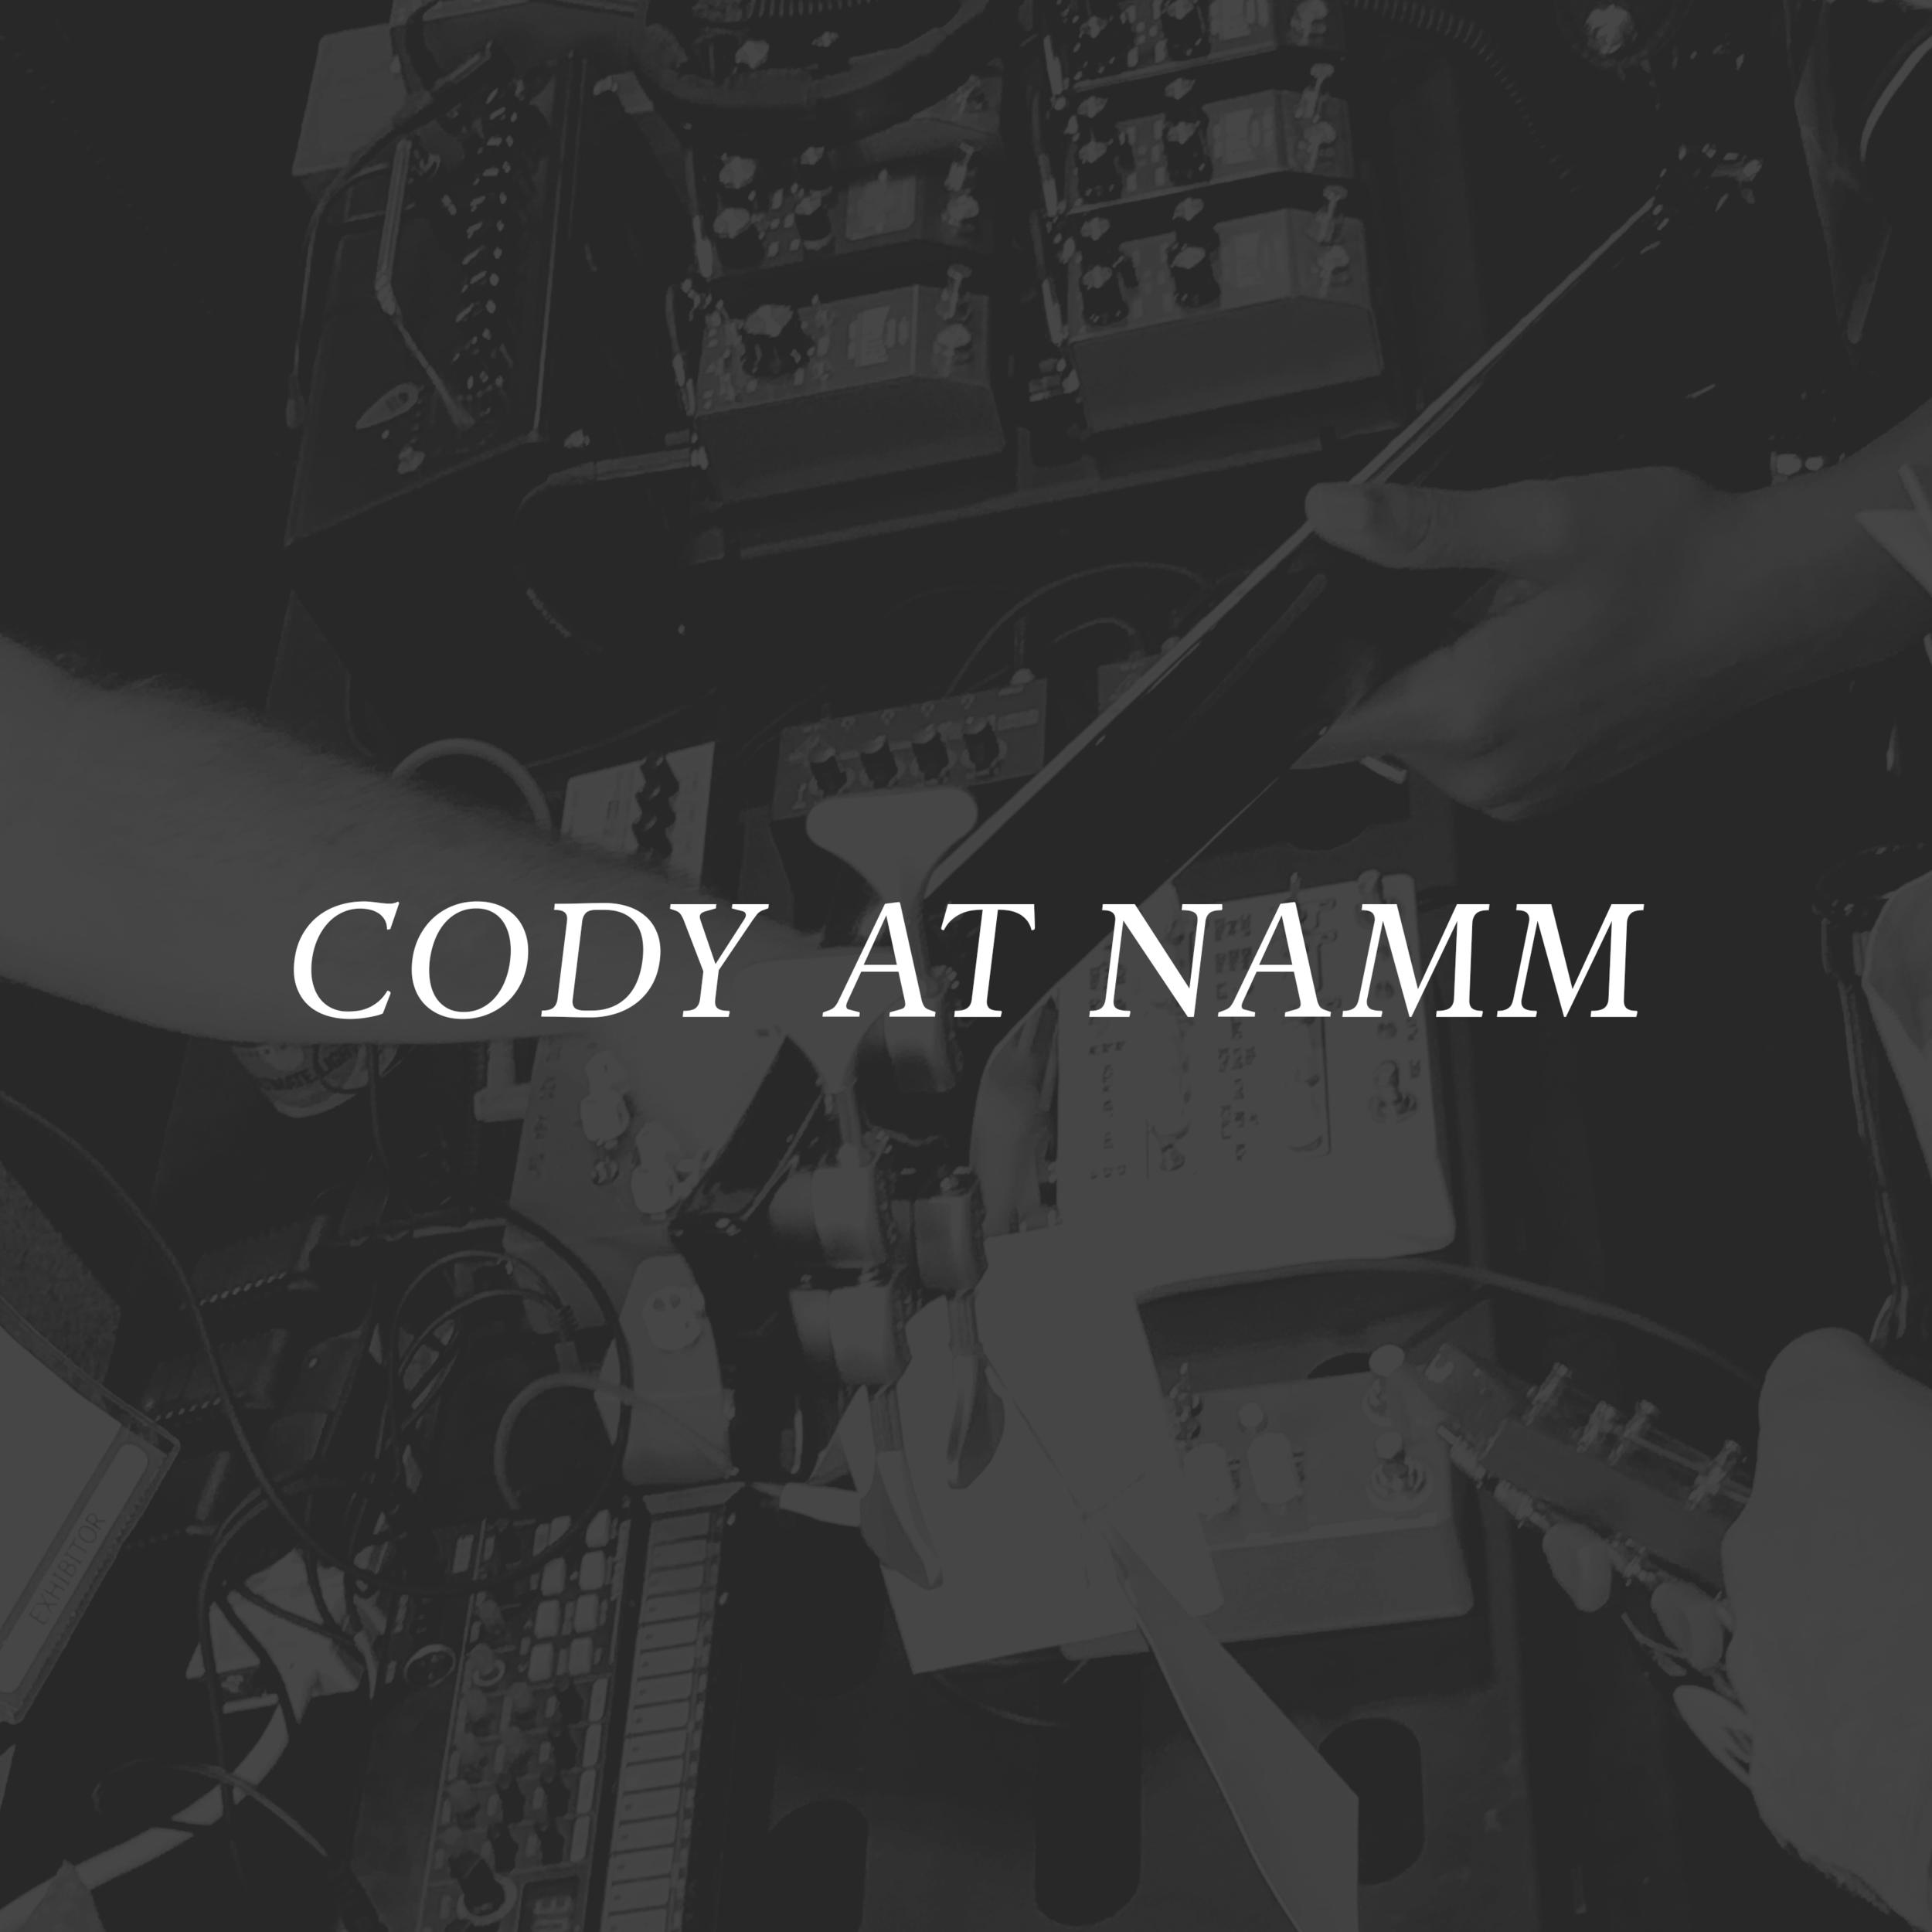 PG067 Cody at Namm.png